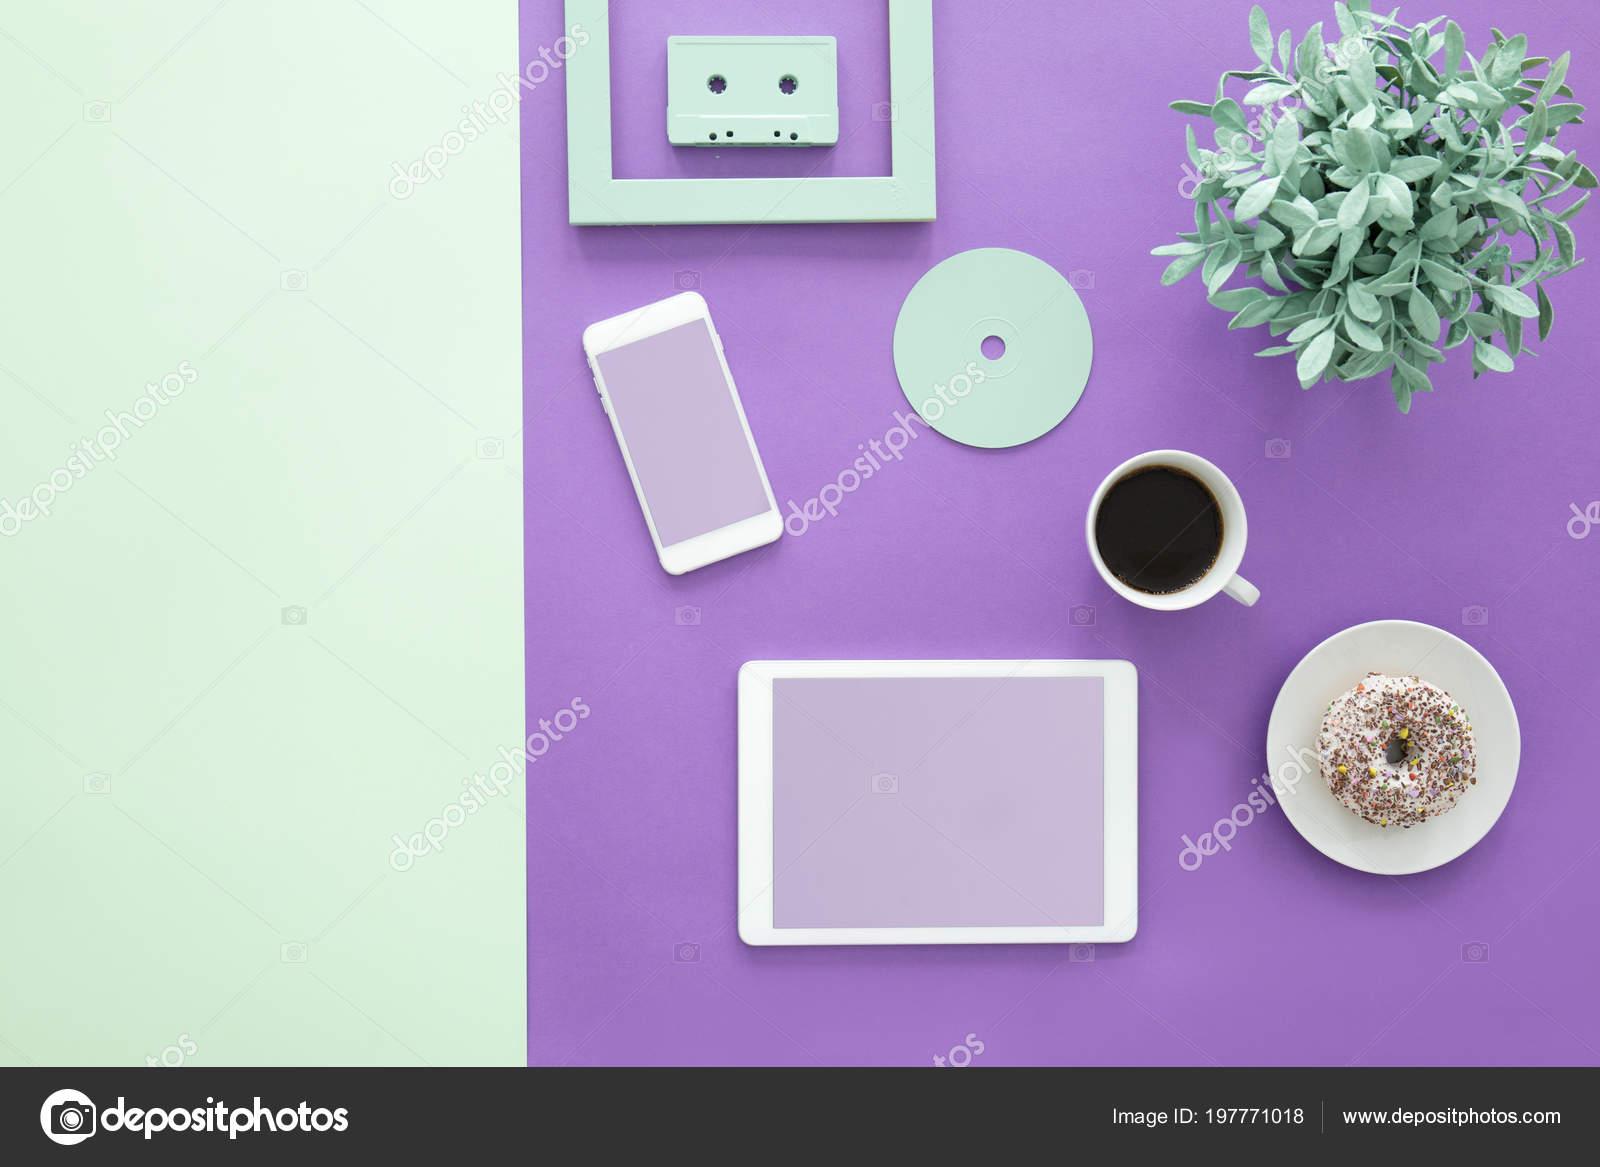 Set Da Scrivania Viola : Pianta anello tazza caffè sulla scrivania viola con mockup tablet